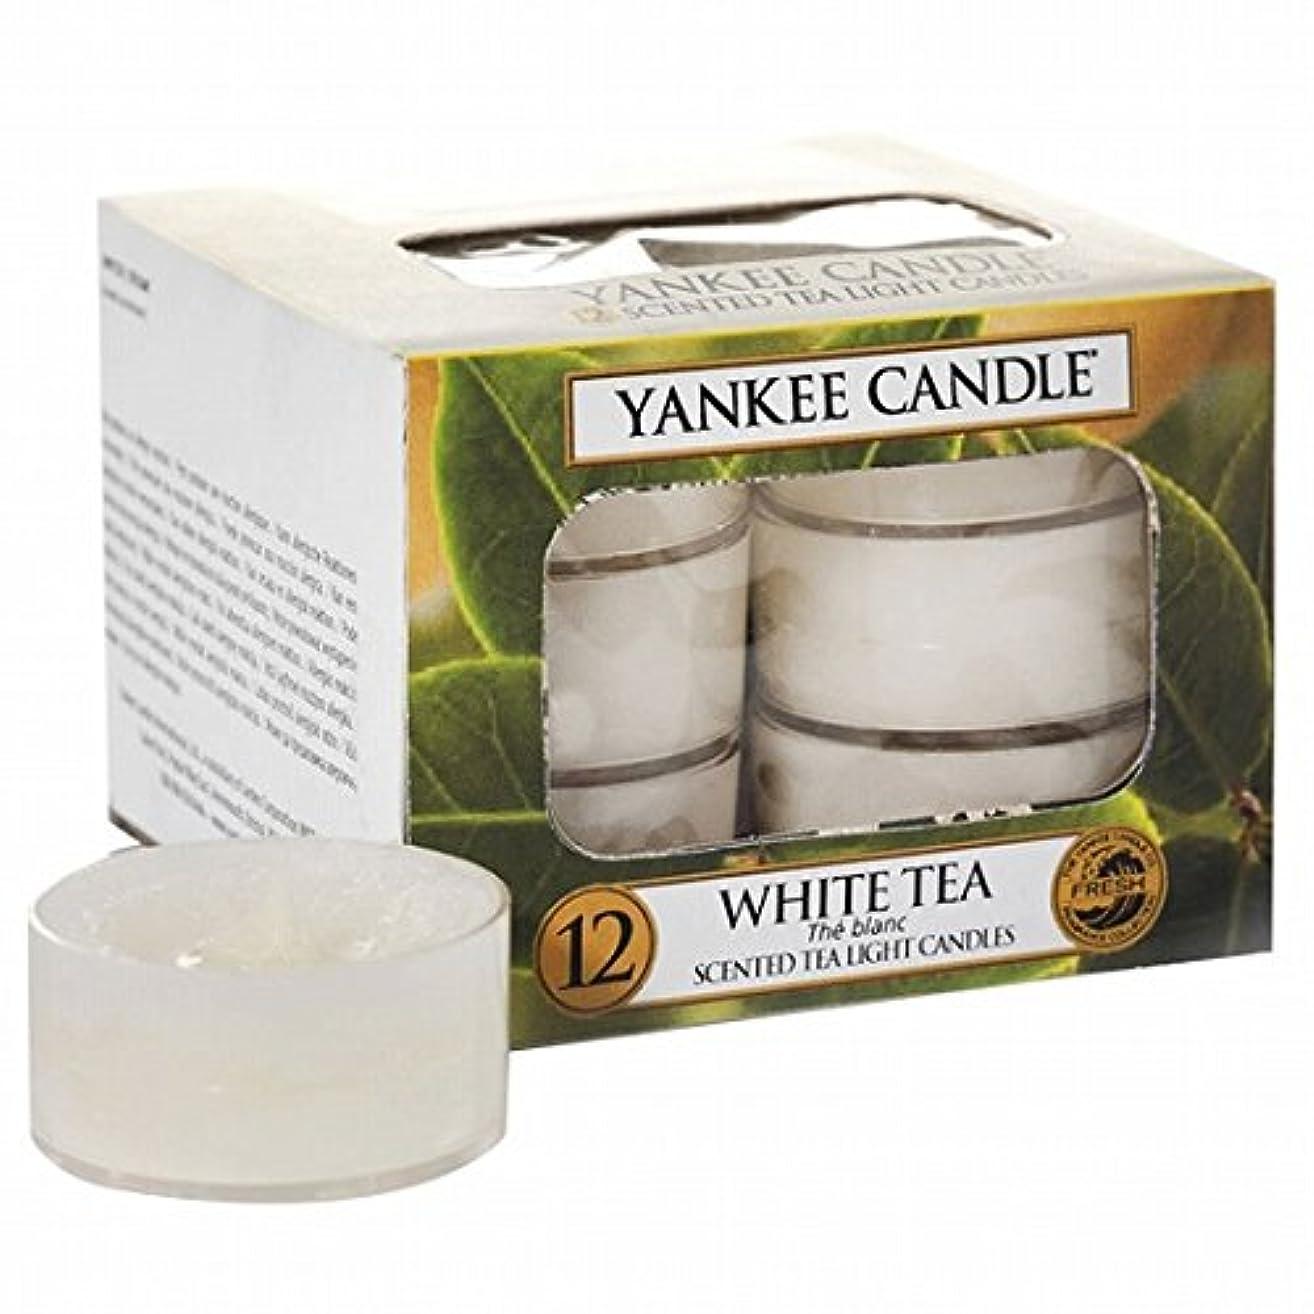 配管開発観察するYANKEE CANDLE(ヤンキーキャンドル) YANKEE CANDLE クリアカップティーライト12個入り 「ホワイトティー」(K00505277)